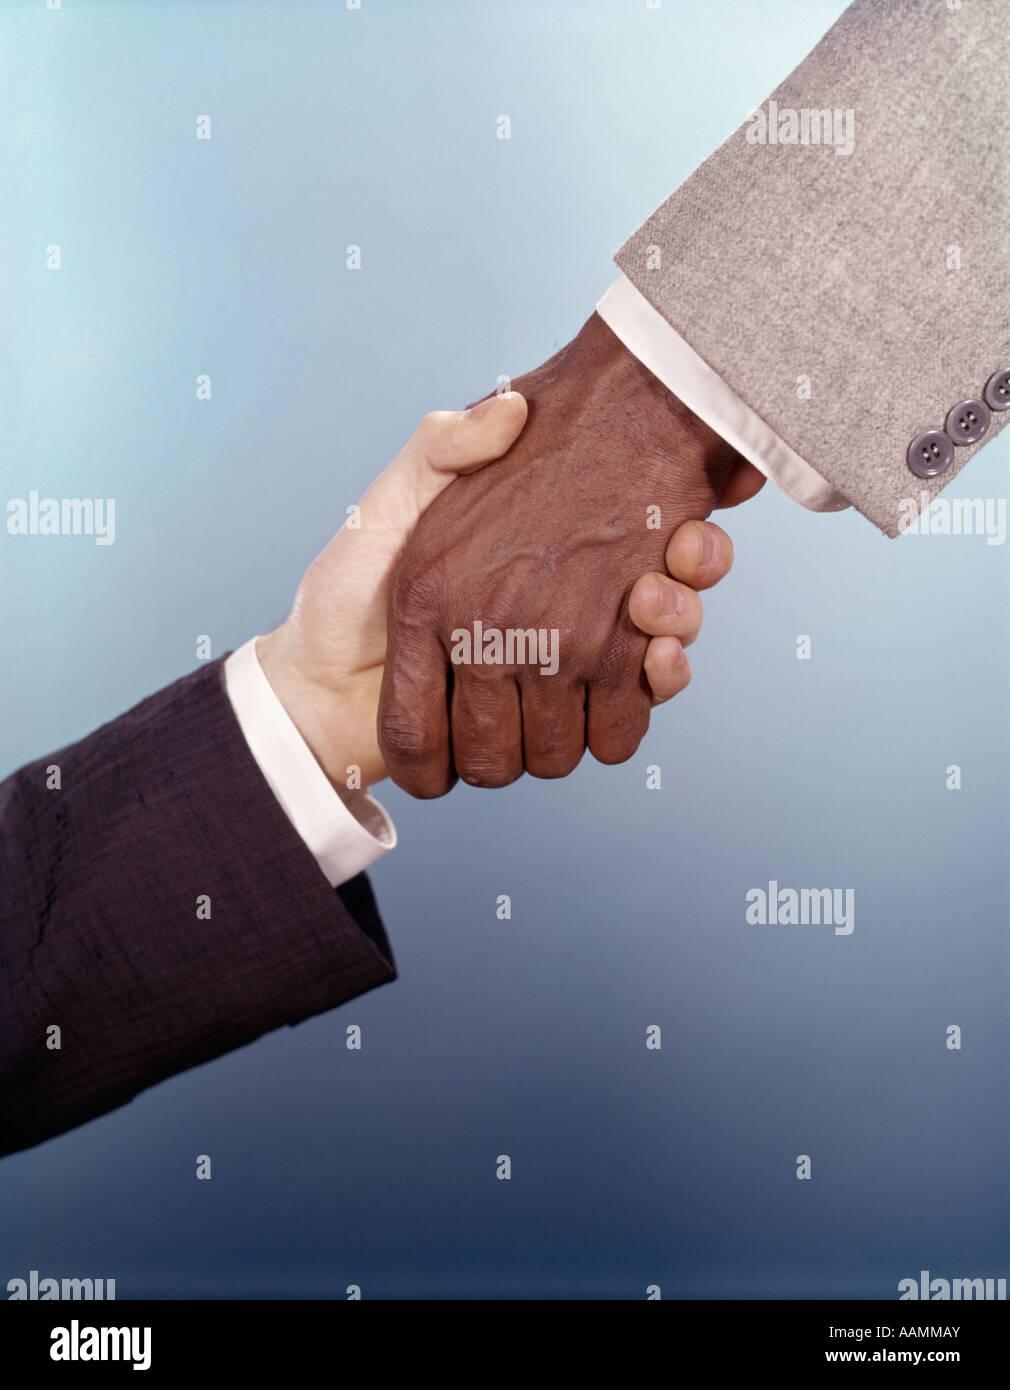 Racial Equality Stock Photos Racial Equality Stock Images Alamy